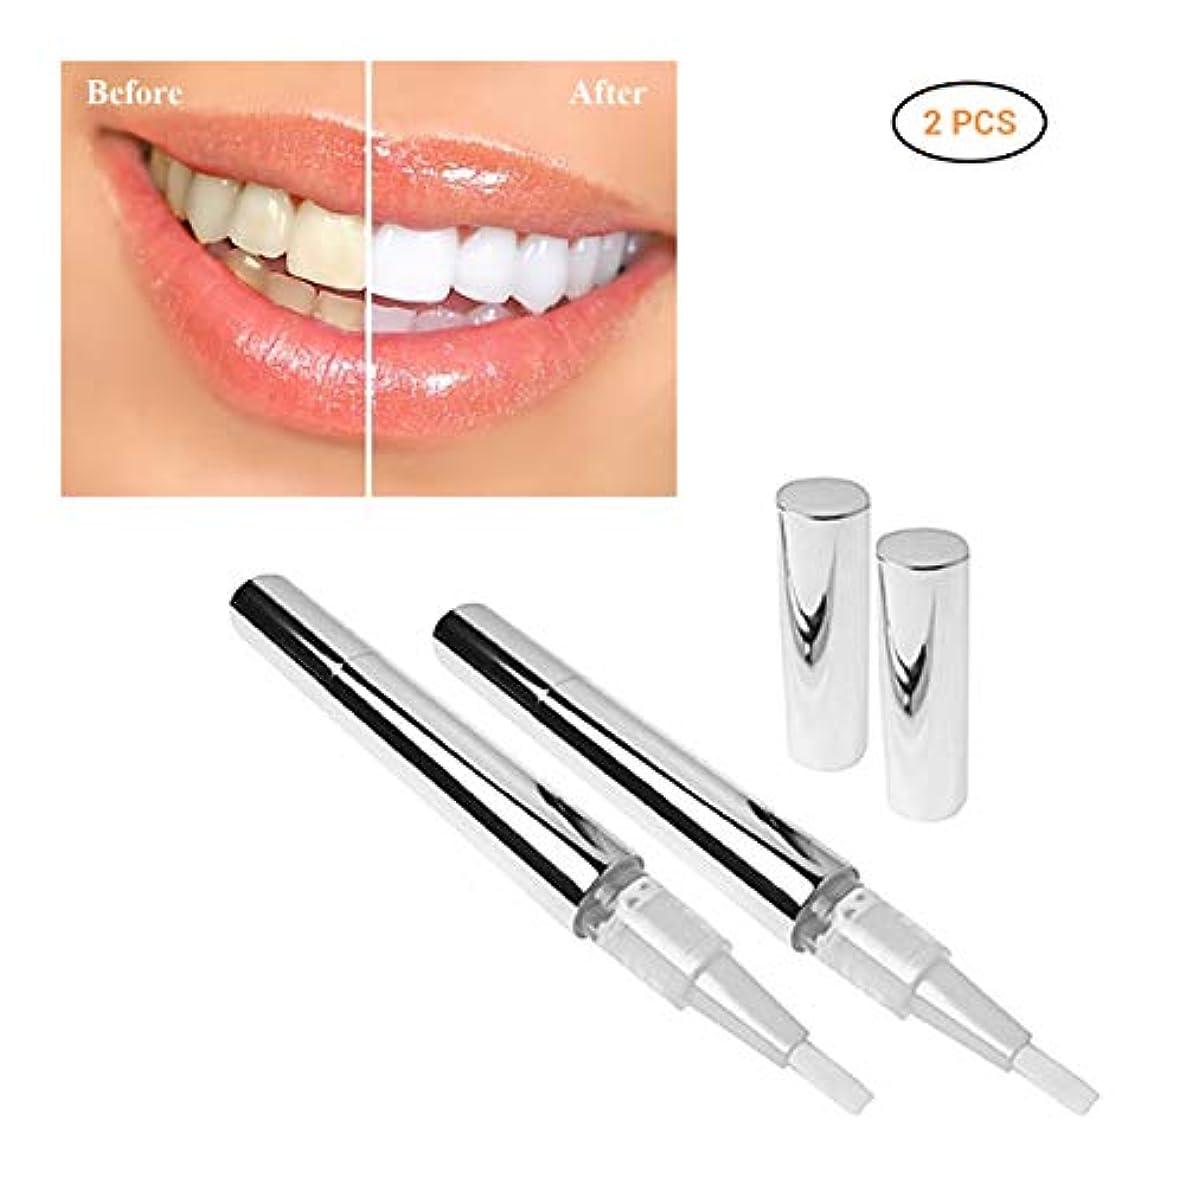 不倫特派員美的BTSMAT ペンホワイトニングペン歯のホワイトニングステインイレーサーリムーバー口腔衛生ホワイトニングペン